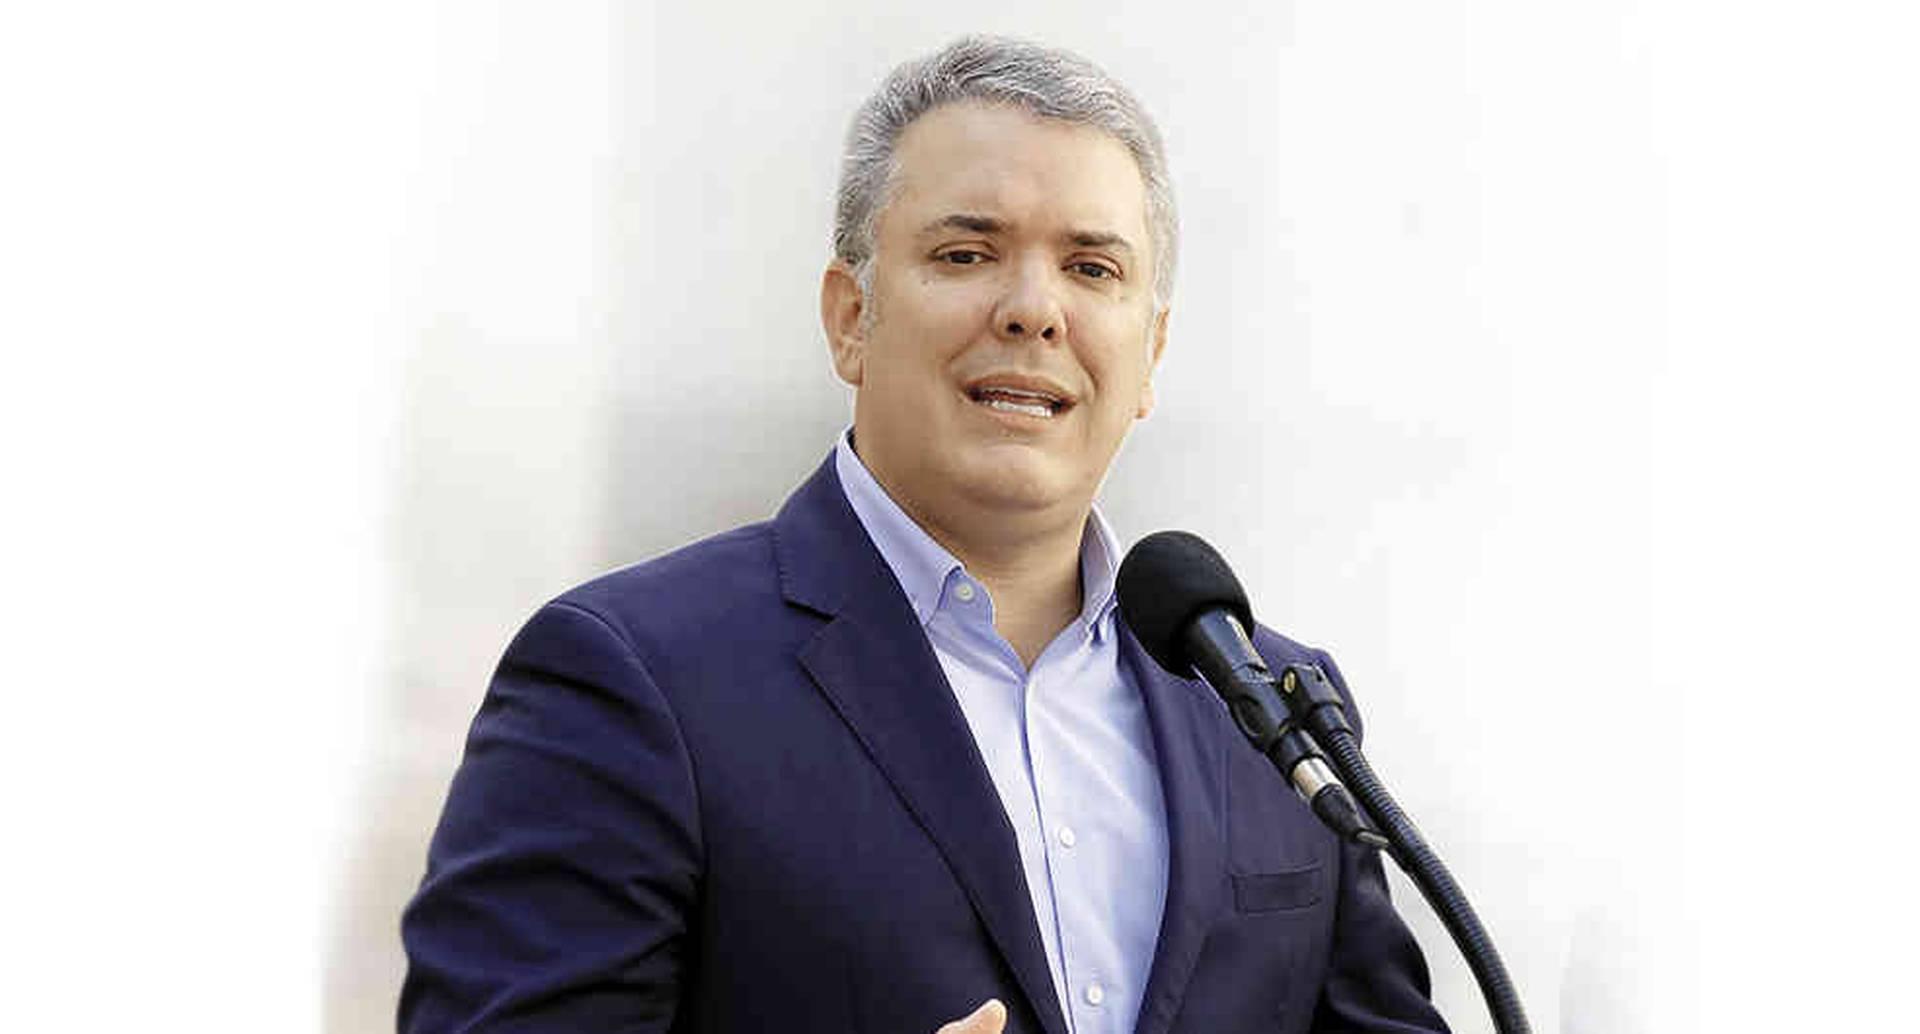 El triunfo de Duque fue también el del expresidente Álvaro Uribe Vélez, si su elección se cuestiona esto golpea al uribismo como fuerza política.